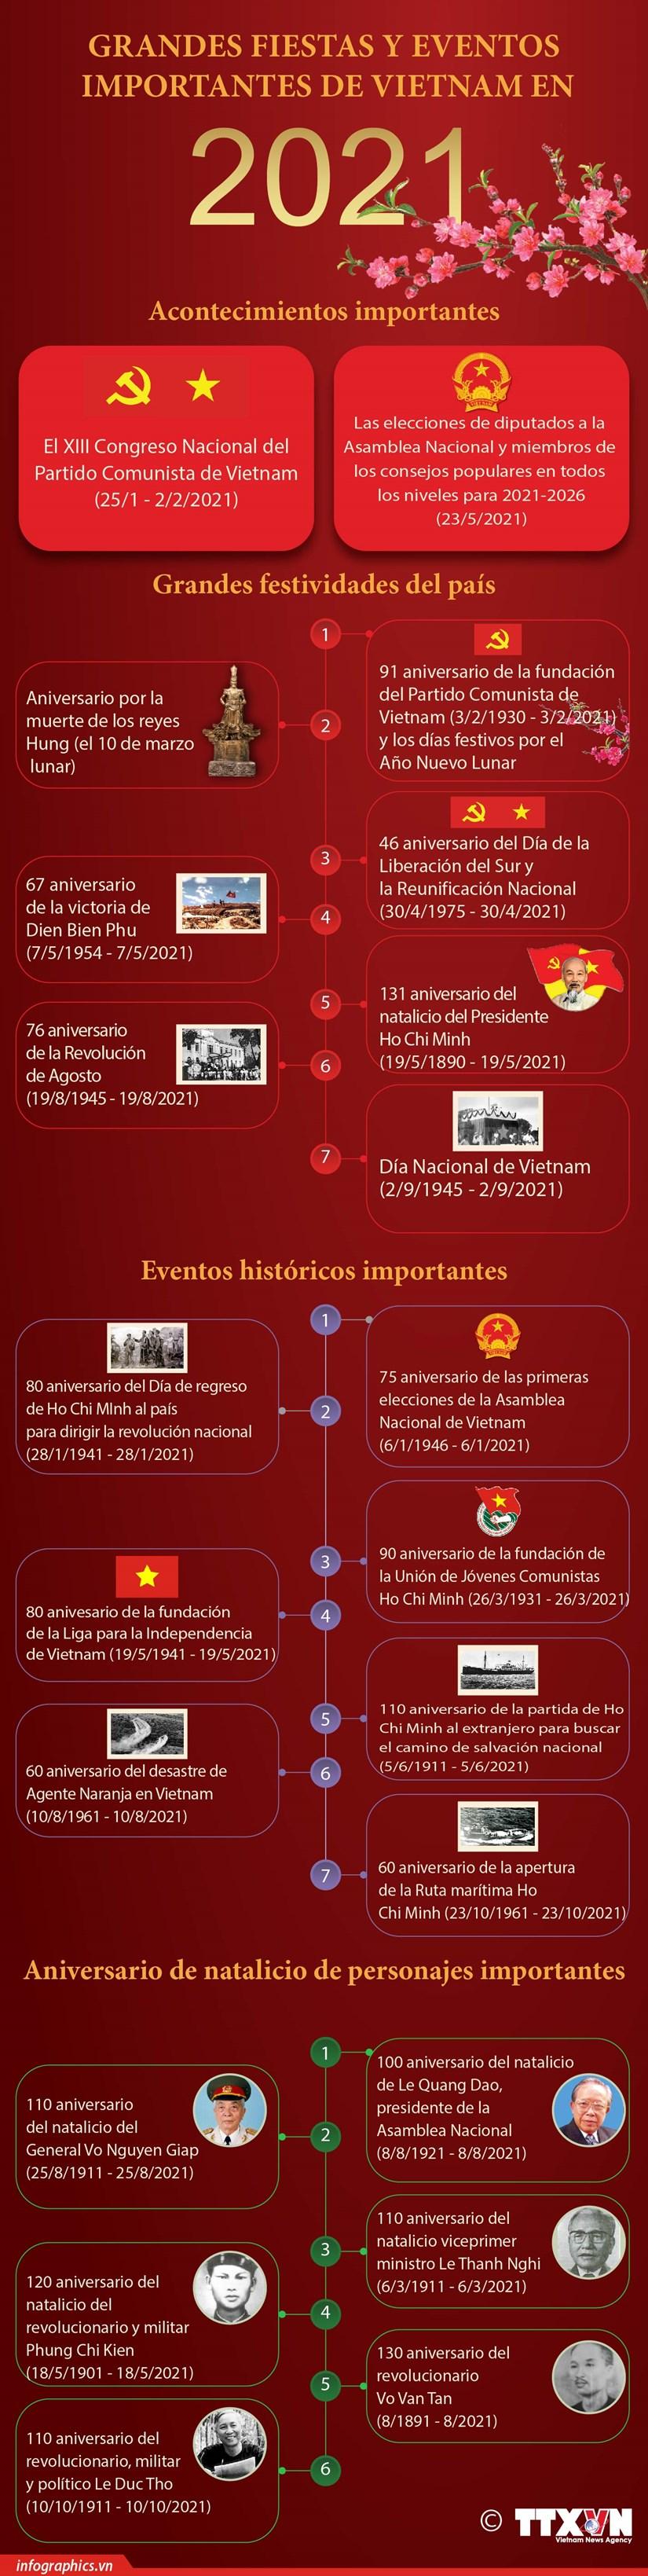 Grandes fiestas y eventos importantes de Vietnam en 2021 hinh anh 1